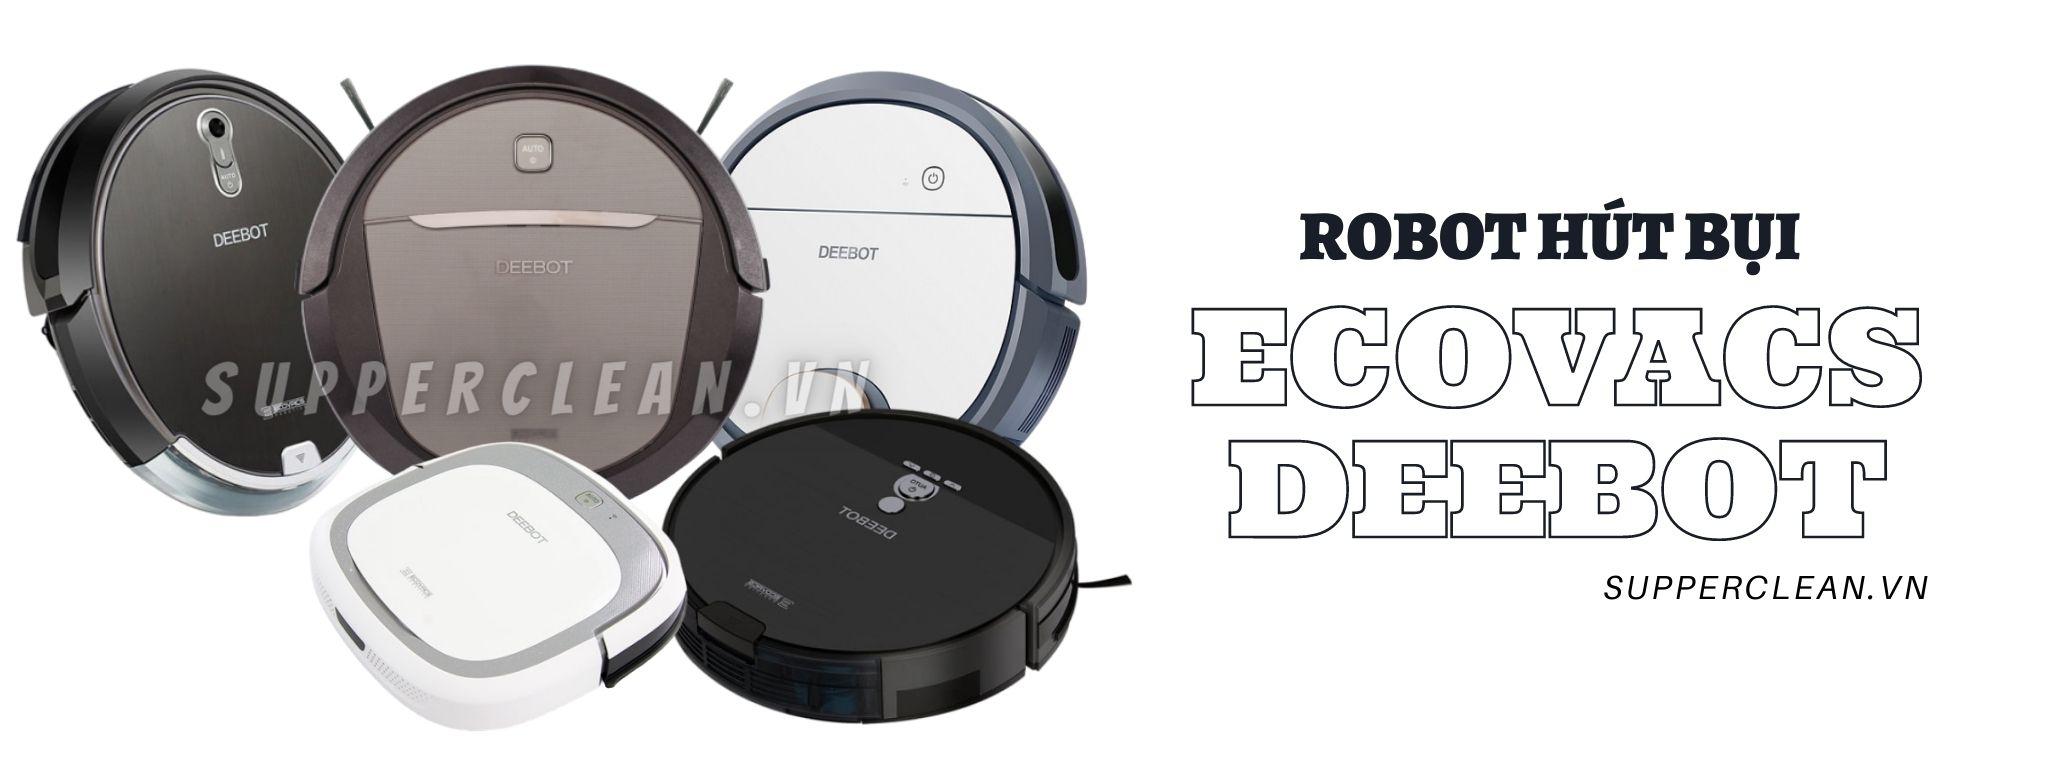 TOP 3 robot hút bụi Ecovacs Deebot giá rẻ đáng mua hiện nay